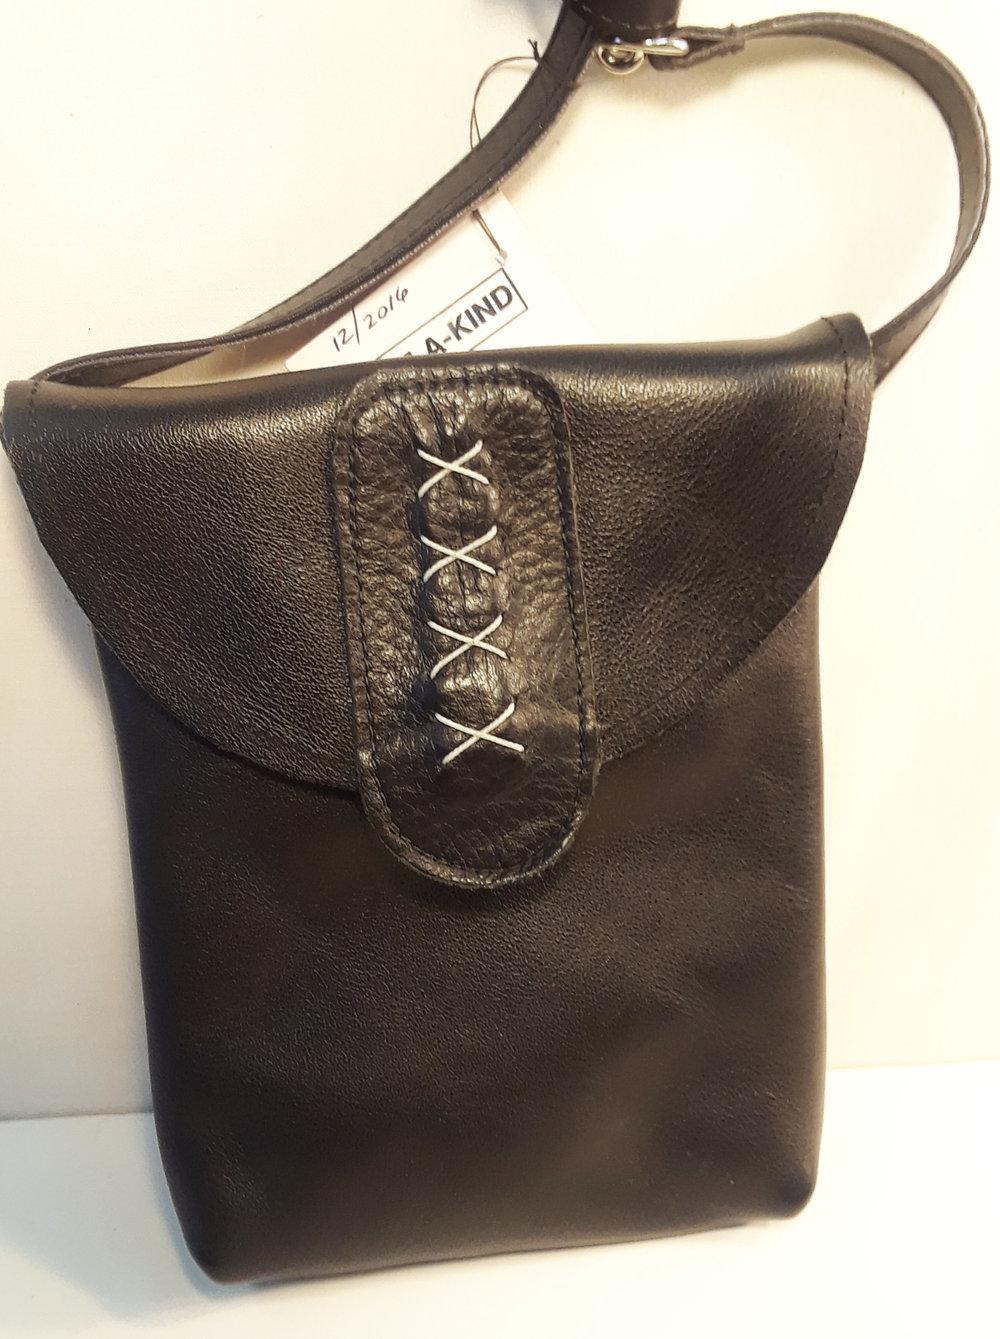 PJ Sheehy Leather Pouch (1).jpg